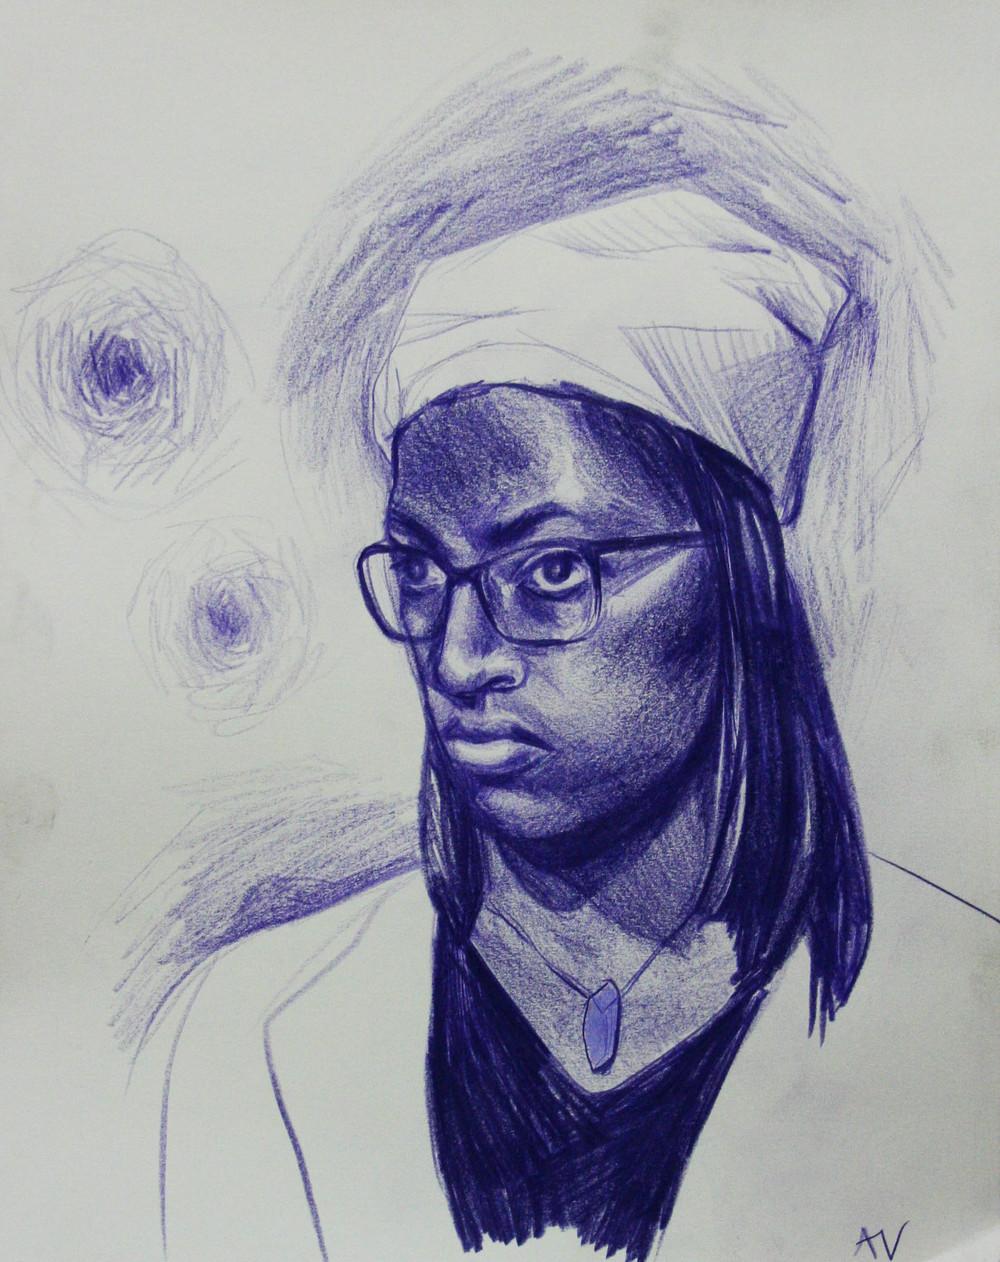 Amelia Visnauskas did this hour drawing.